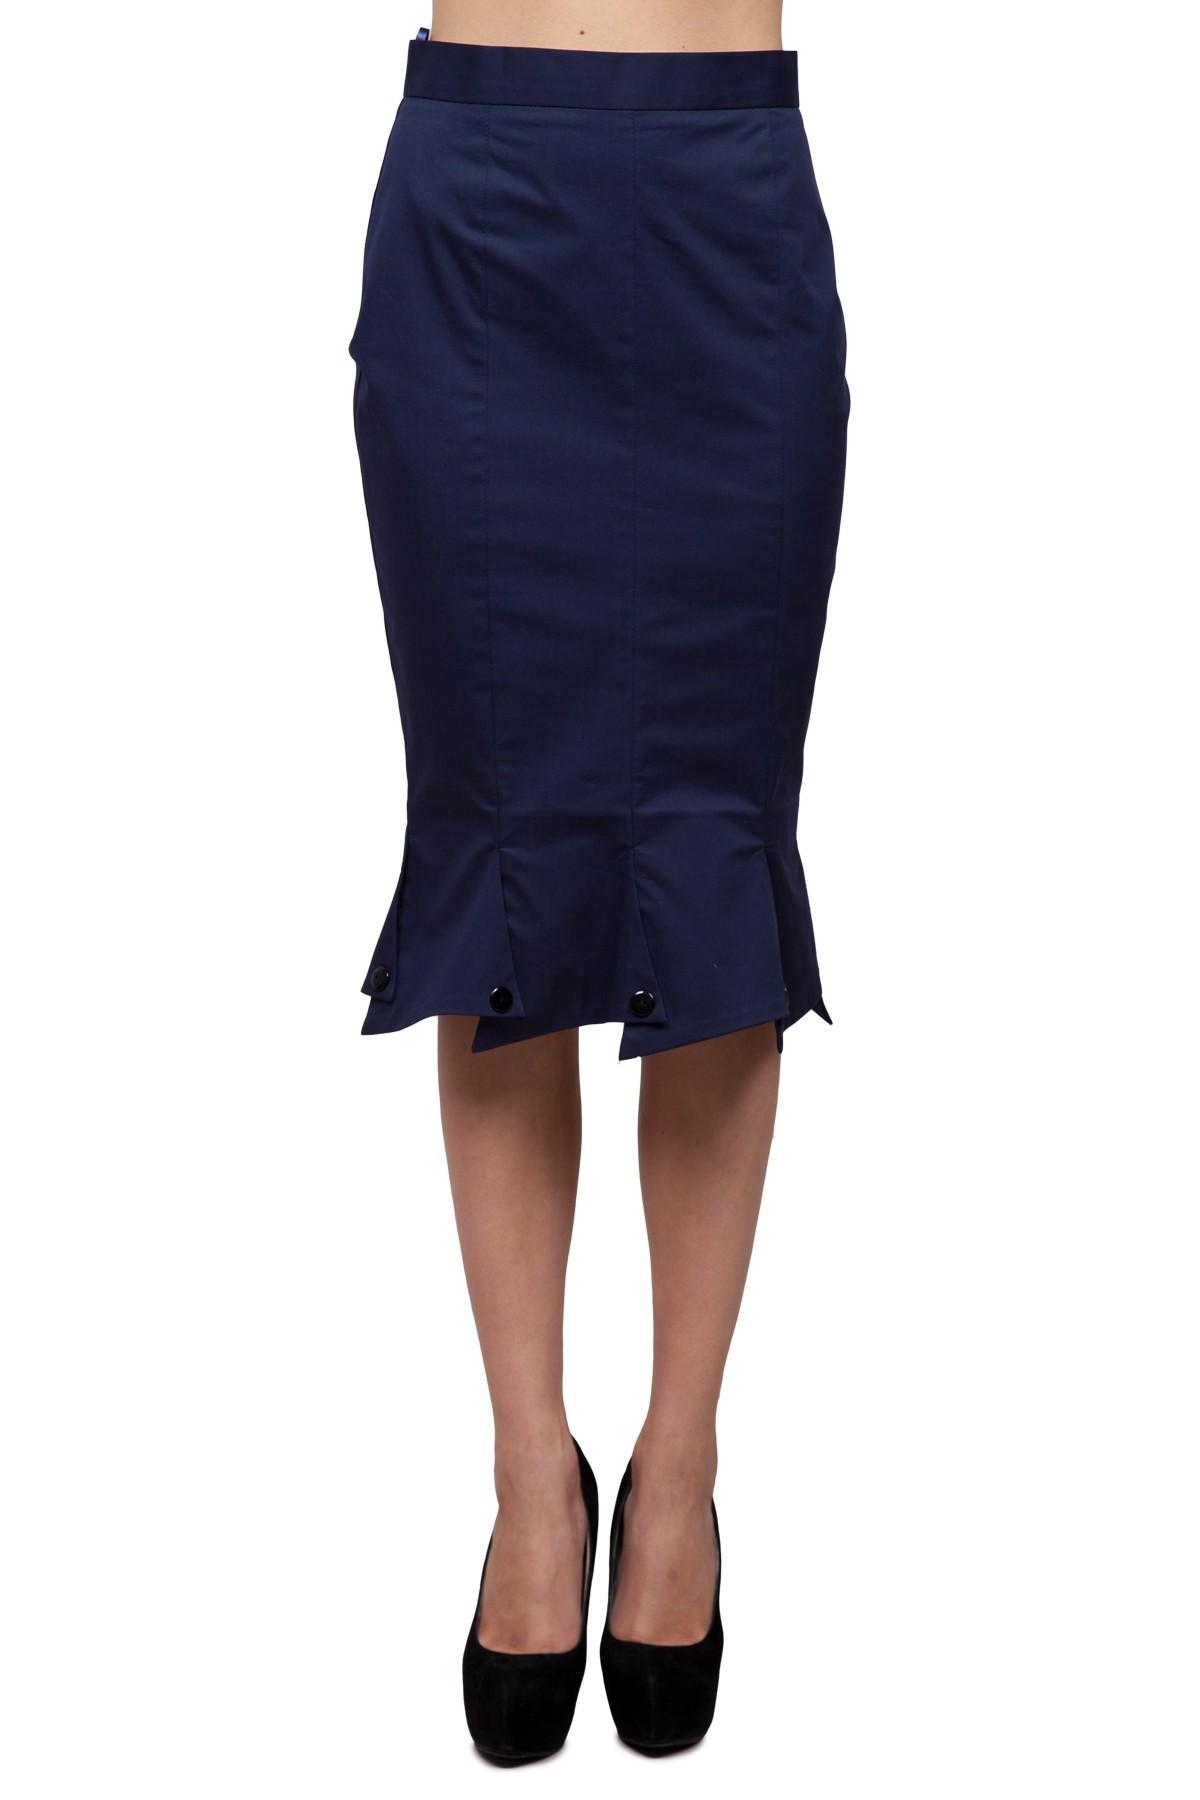 ЮбкаЖенские юбки и брюки<br>Вы привыкли быть в центре внимания, умеете с достоинством принимать восхищенные комплименты, и Вас не смущают восторженные взгляды? Тогда эта необычная юбка создана специально для Вас! Оригинальный низ изделия  создаст стильный образ. Изделие выполнено в <br><br>Цвет: синий<br>Состав: 95% хлопок, 5% лайкра<br>Размер: 44,46,48,50,52,54<br>Страна дизайна: Россия<br>Страна производства: Россия